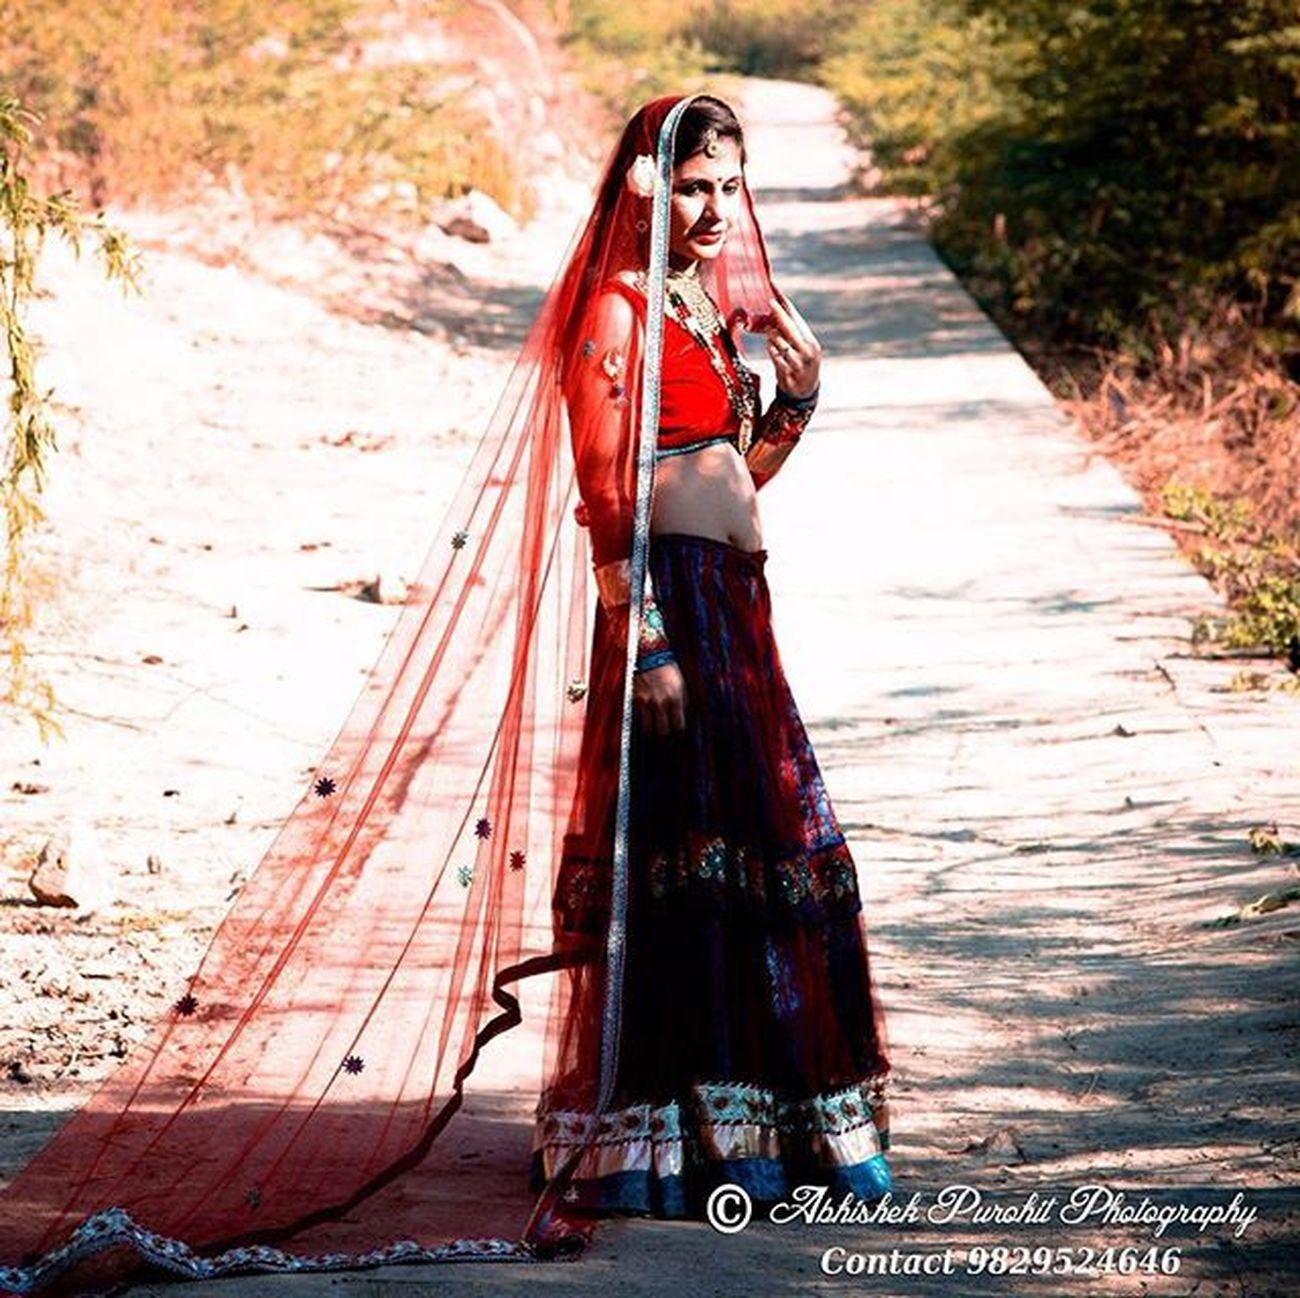 Bridal photoshoot Igersjodhpur IgersRajasthan Planetjodhpur Contourindia Mysimpleclick Mypixeldiary _oye _soi _poi Inframedrapsody Framedsoliloquy Featuregram Vagrantdiaries Thisismymuse Framedeuphoria _pinup _instagrafie Solitarypixels Pixelpanda_india Indiaclicks India_clicks Creatingnuances Capture_india Captureyourcity _indiasb myhappyframeindianphotographerscluboyemyclick